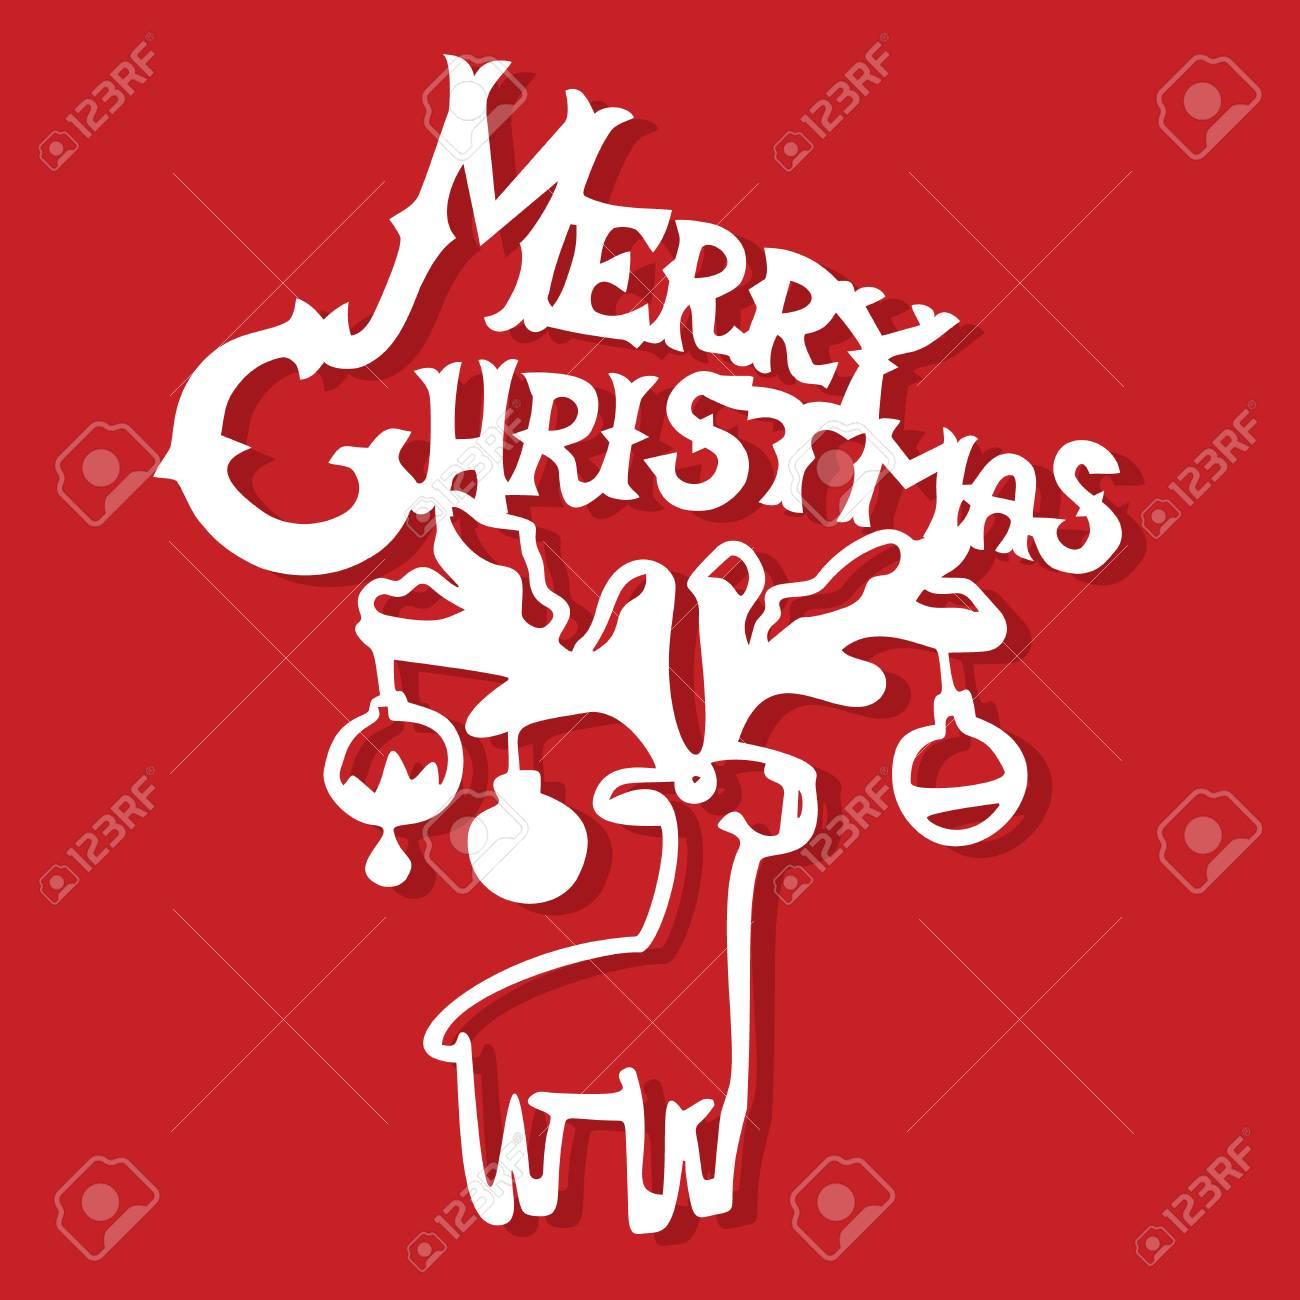 Una Ilustración Vectorial Playbill Feliz Navidad Renos Con Adornos ...